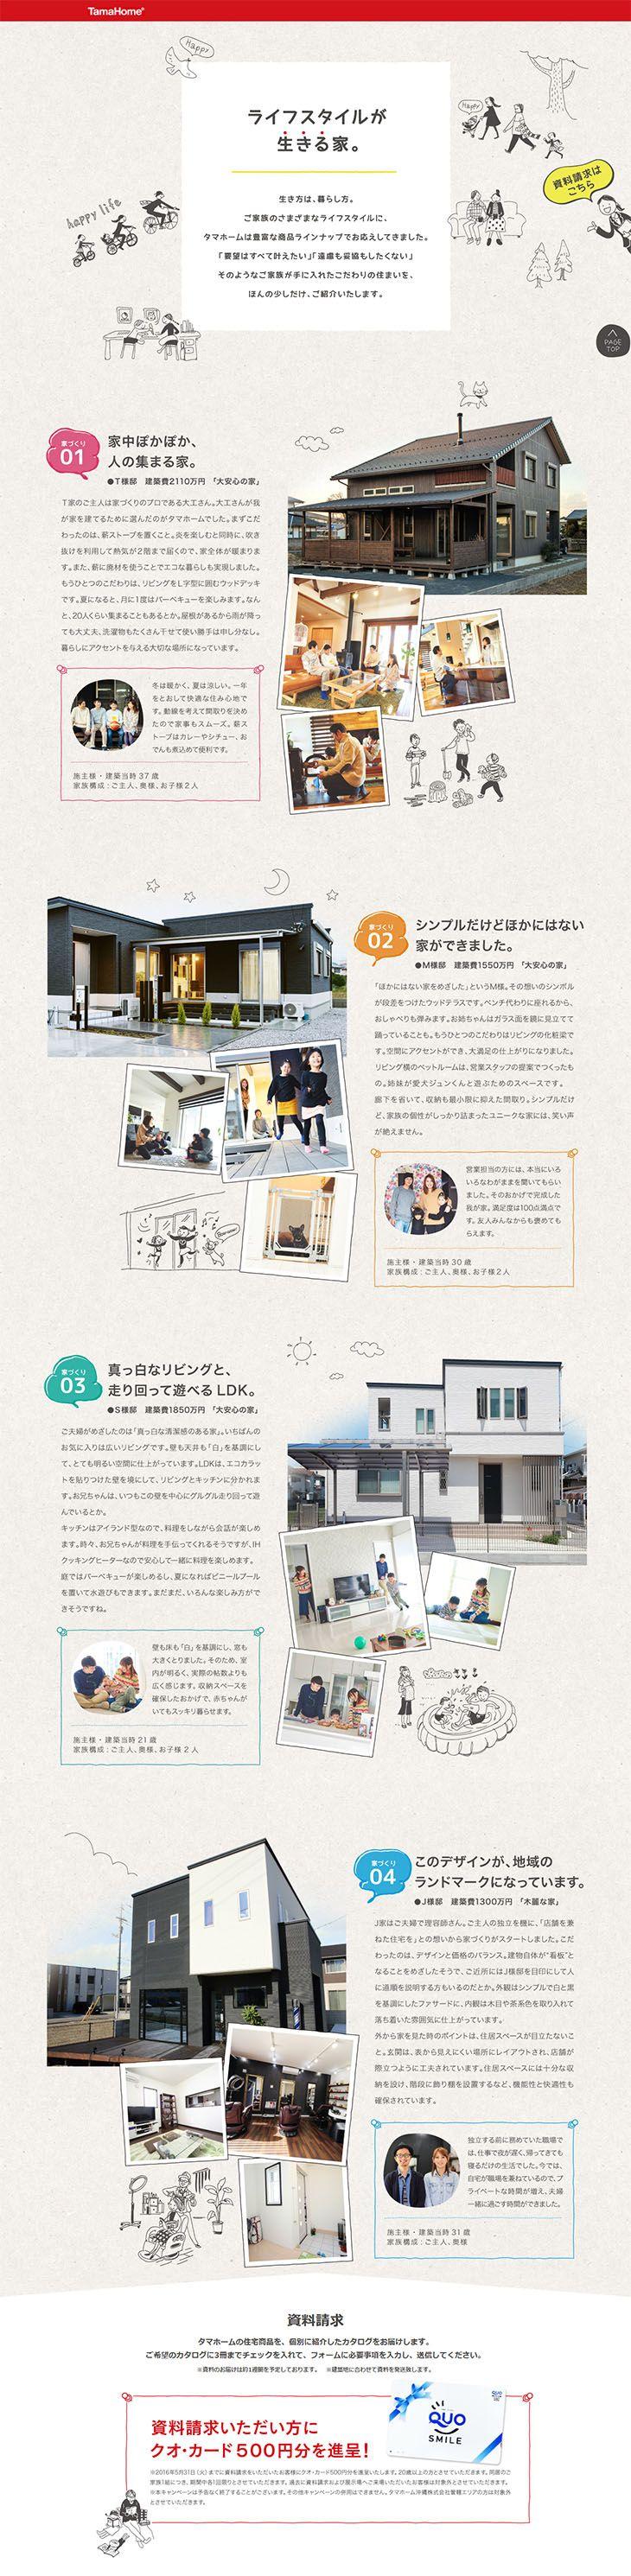 ライフスタイルが生きる家。【不動産関連】のLPデザイン。WEBデザイナーさん必見!ランディングページのデザイン参考に(かわいい系)